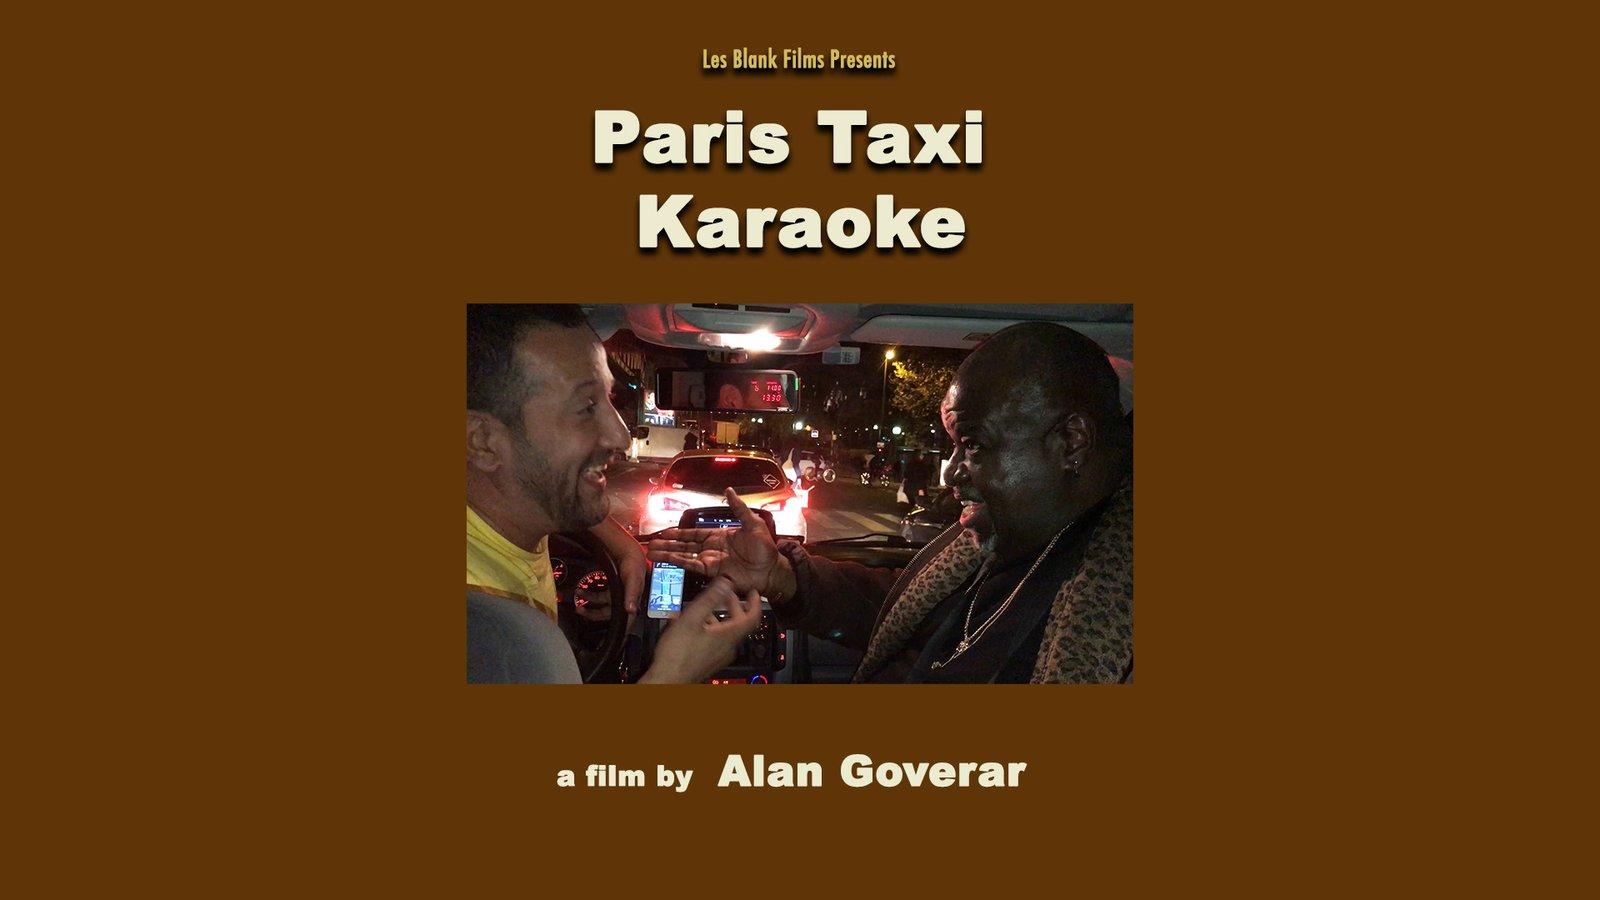 Paris Taxi Karaoke